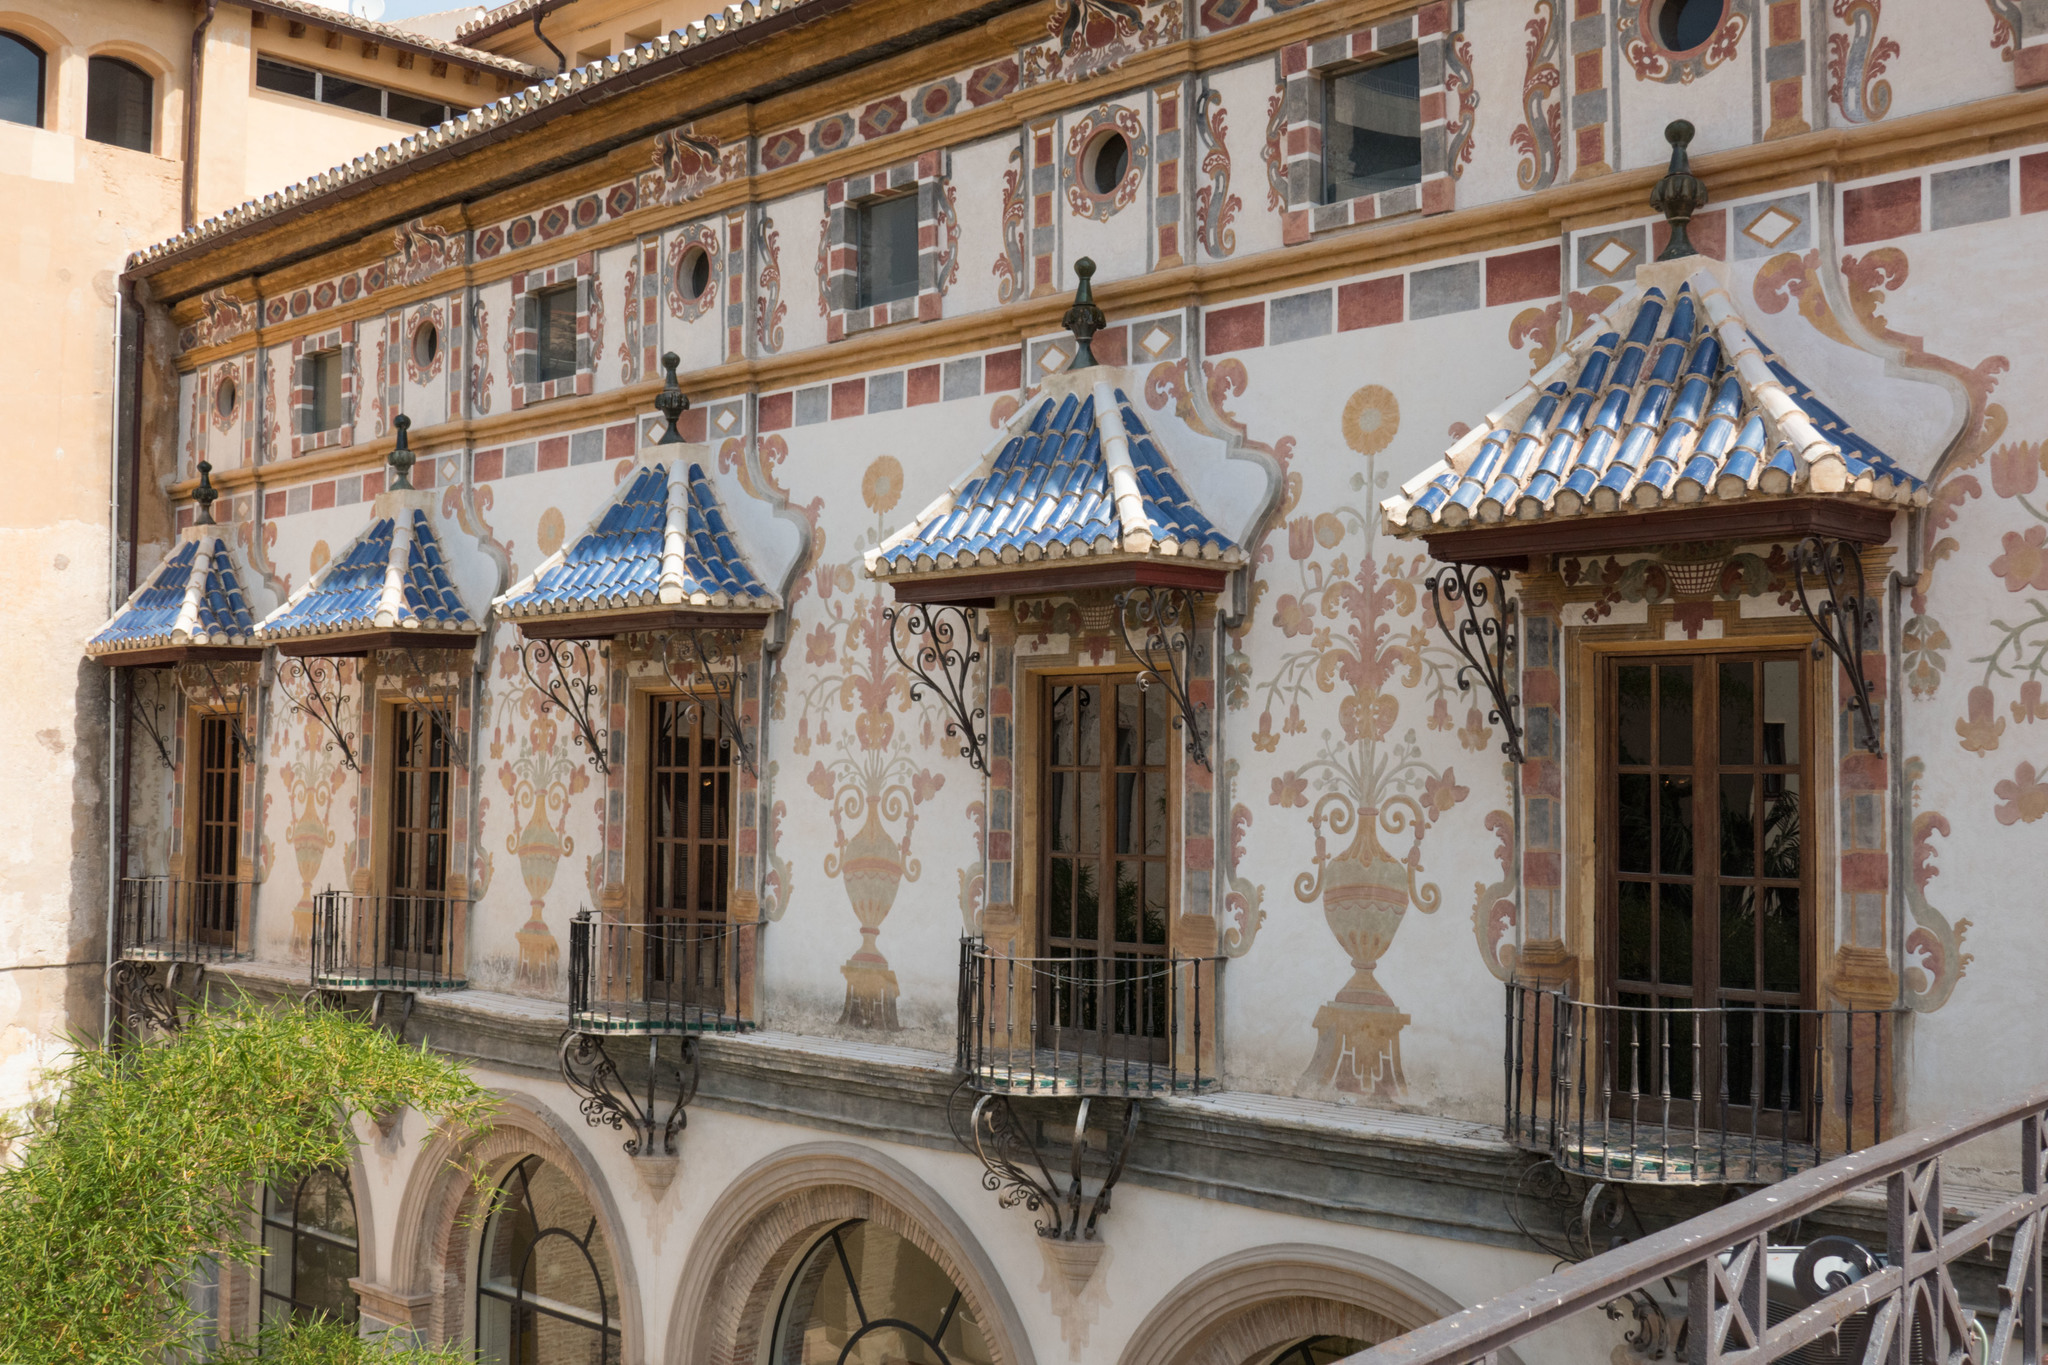 Fachada del Palacio Ducal de Gandía